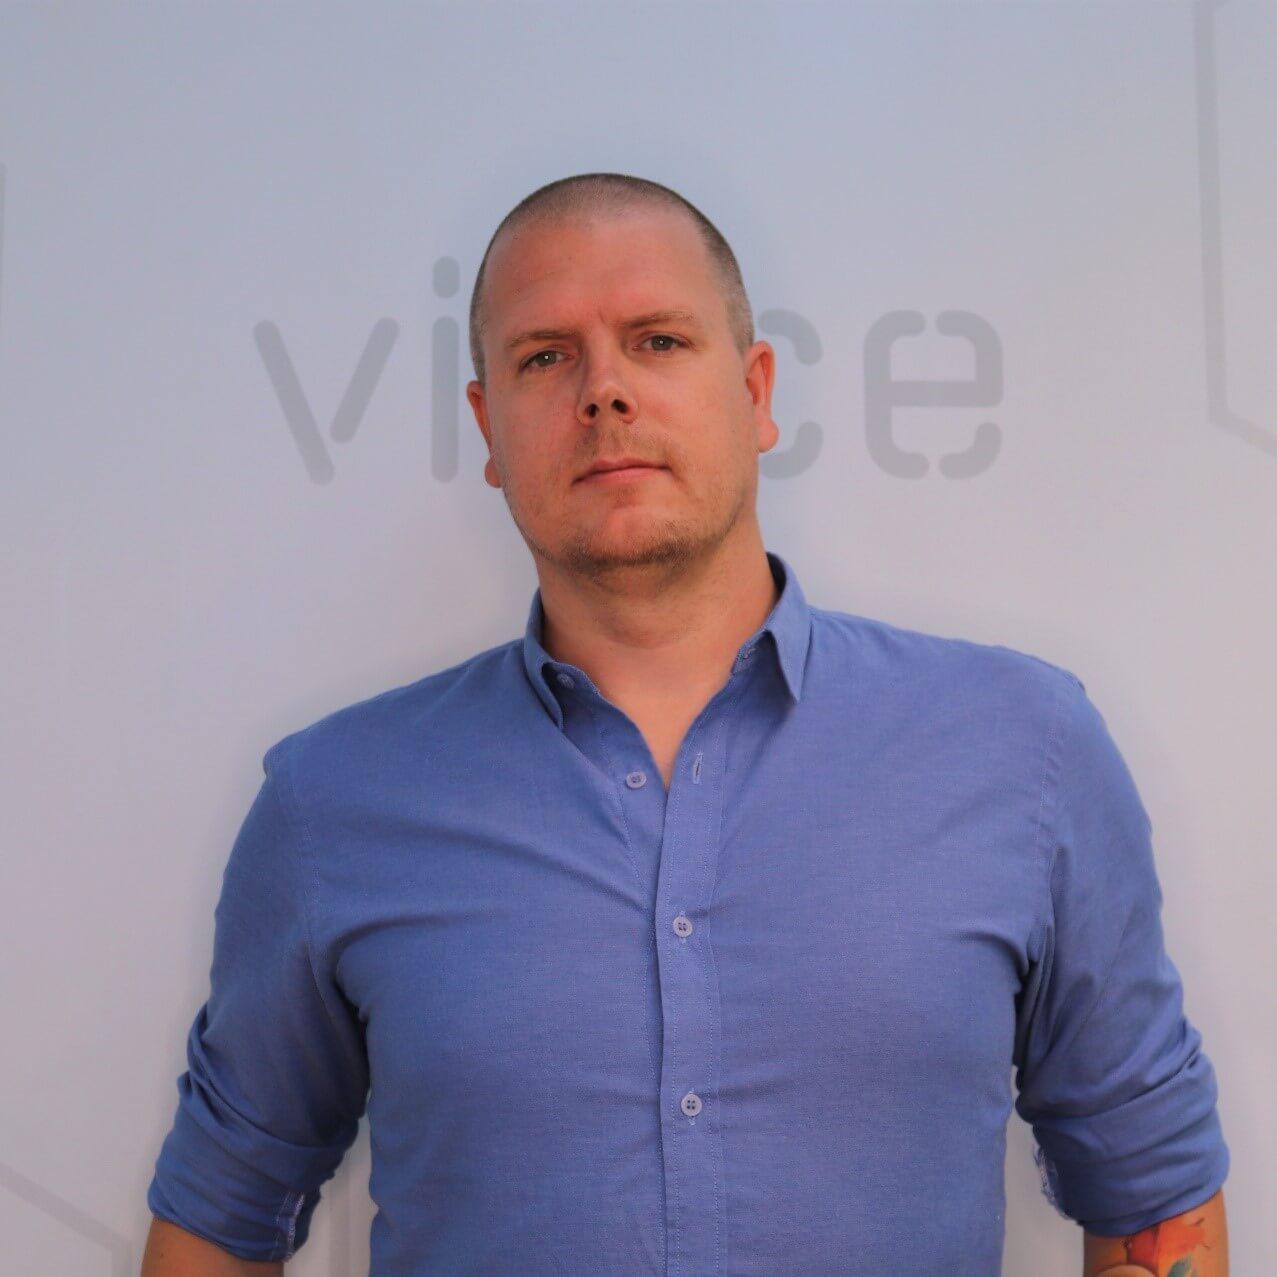 Janne Kinghed